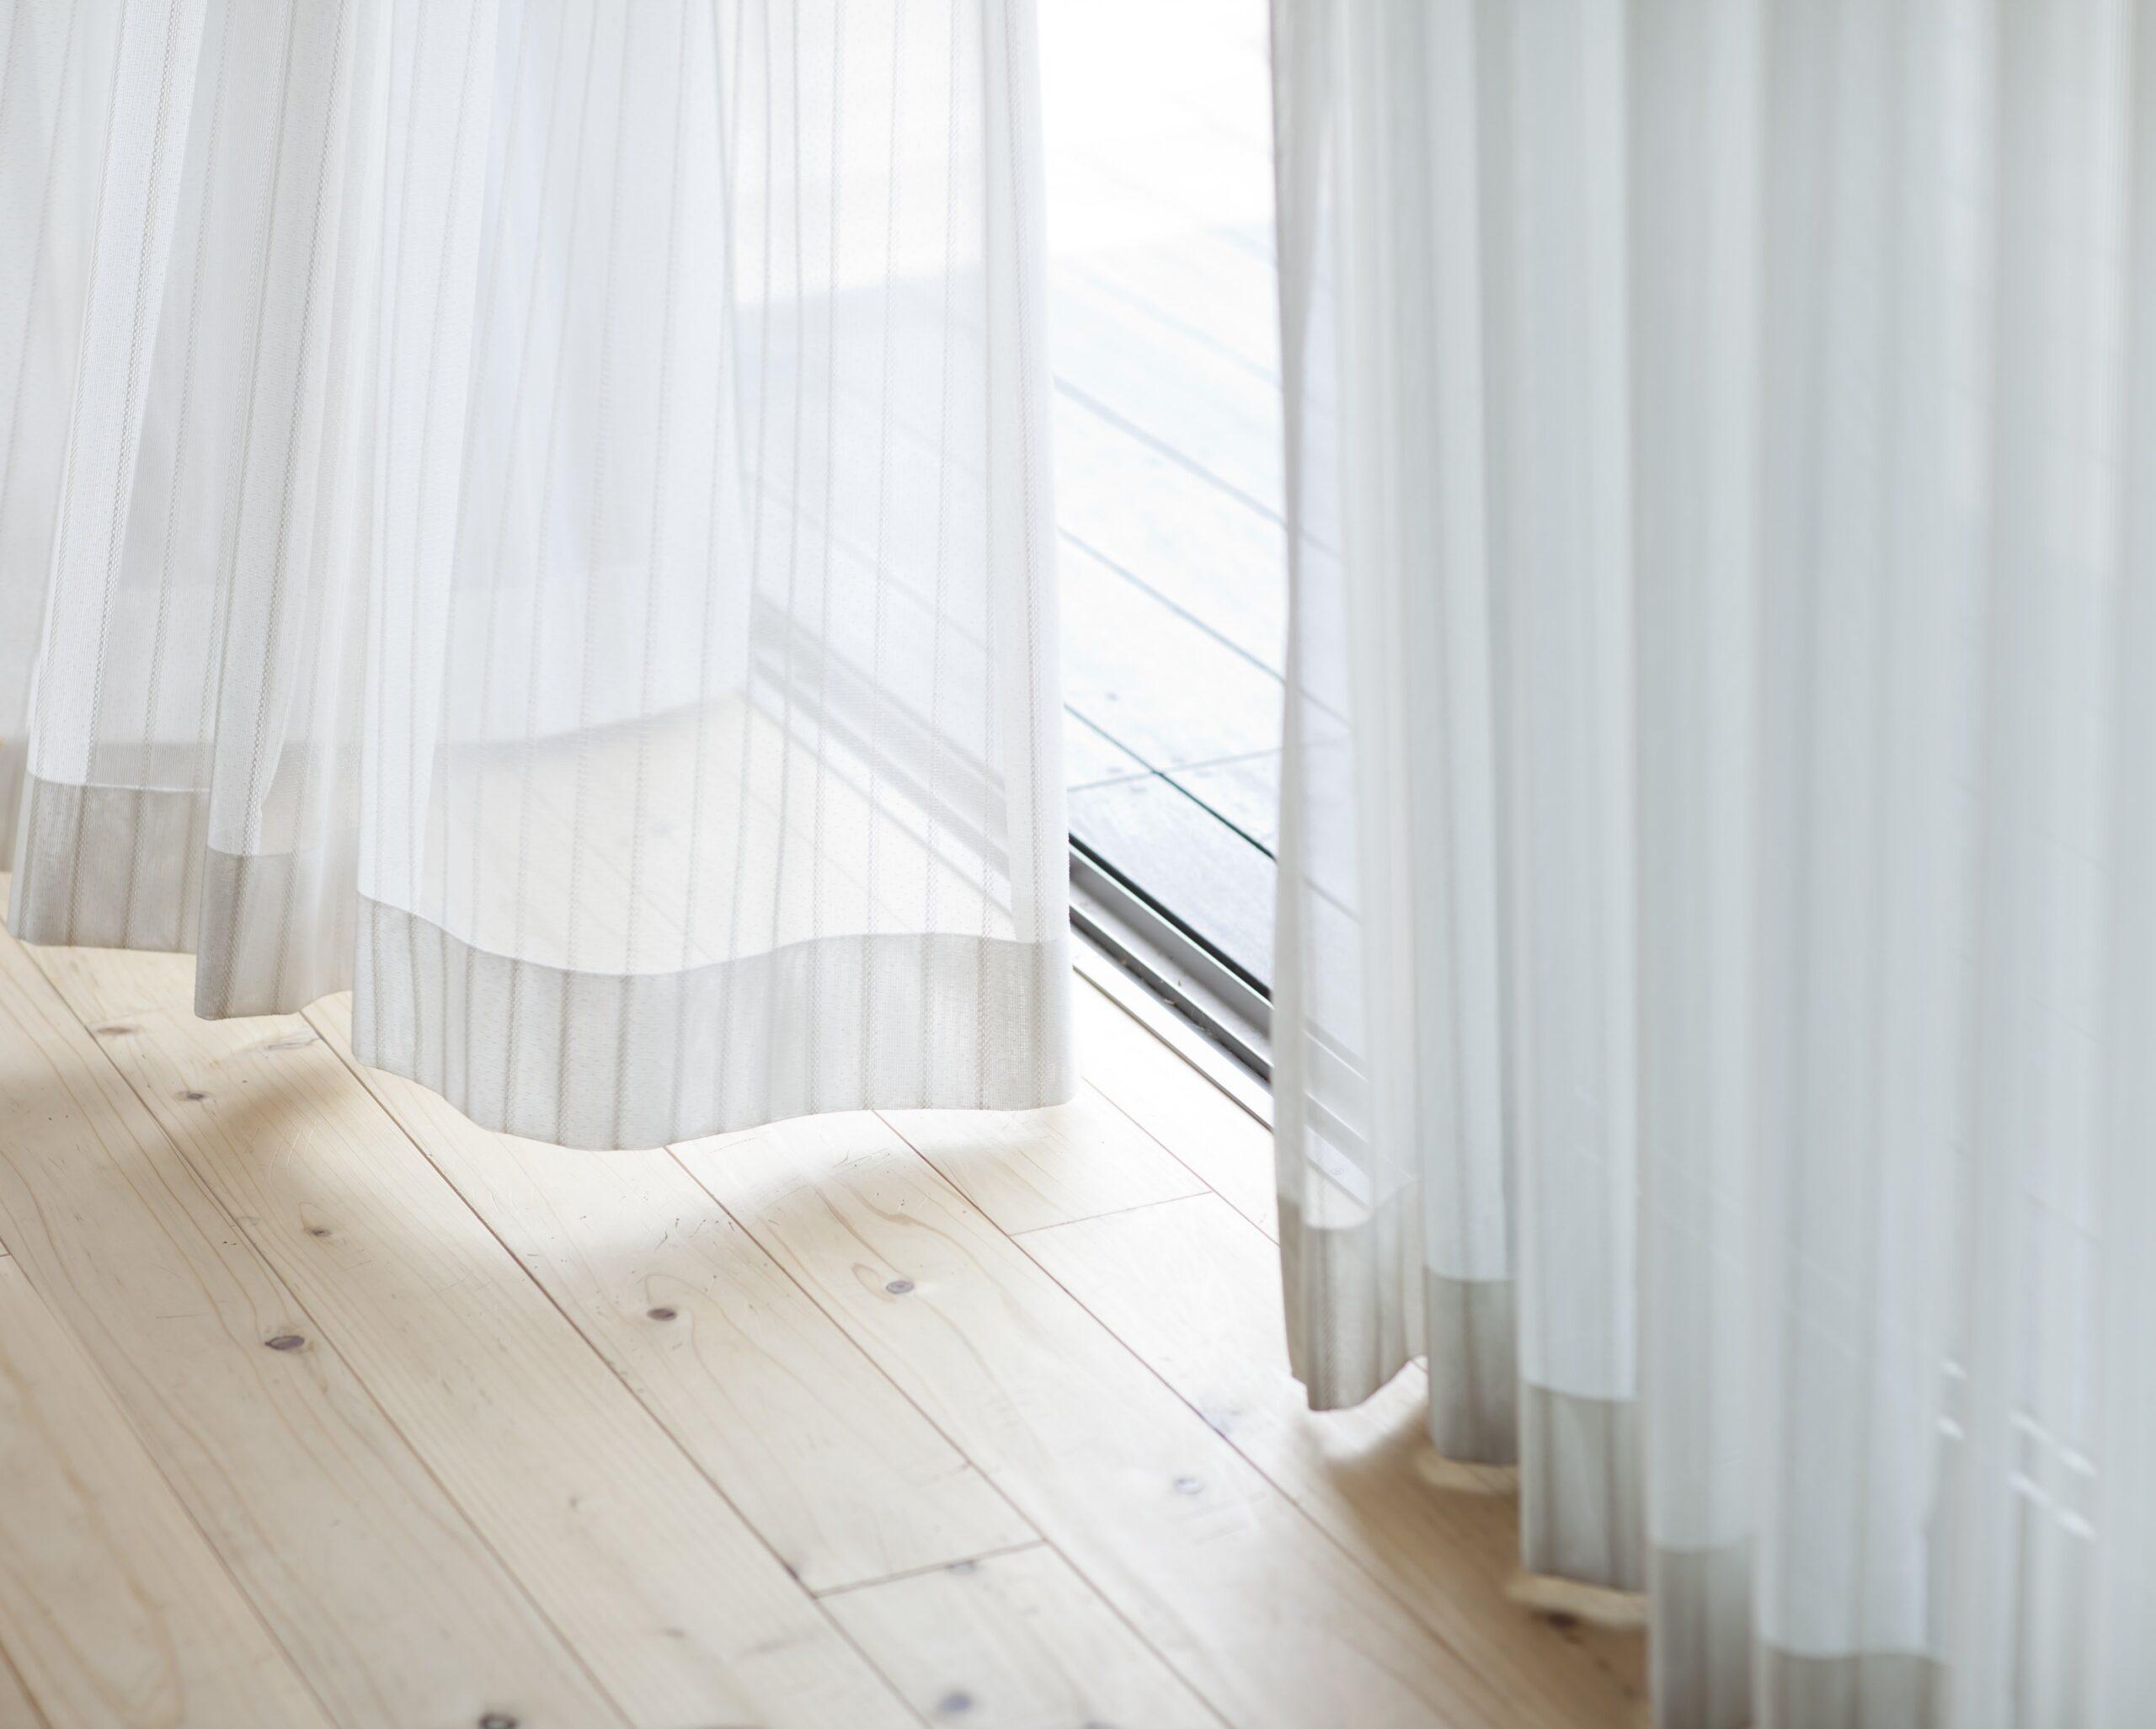 Full Size of Küchengardinen Ikea Gardinen Waschen So Gehts Richtig Sofa Mit Schlaffunktion Modulküche Betten Bei Küche Kaufen Miniküche Kosten 160x200 Wohnzimmer Küchengardinen Ikea